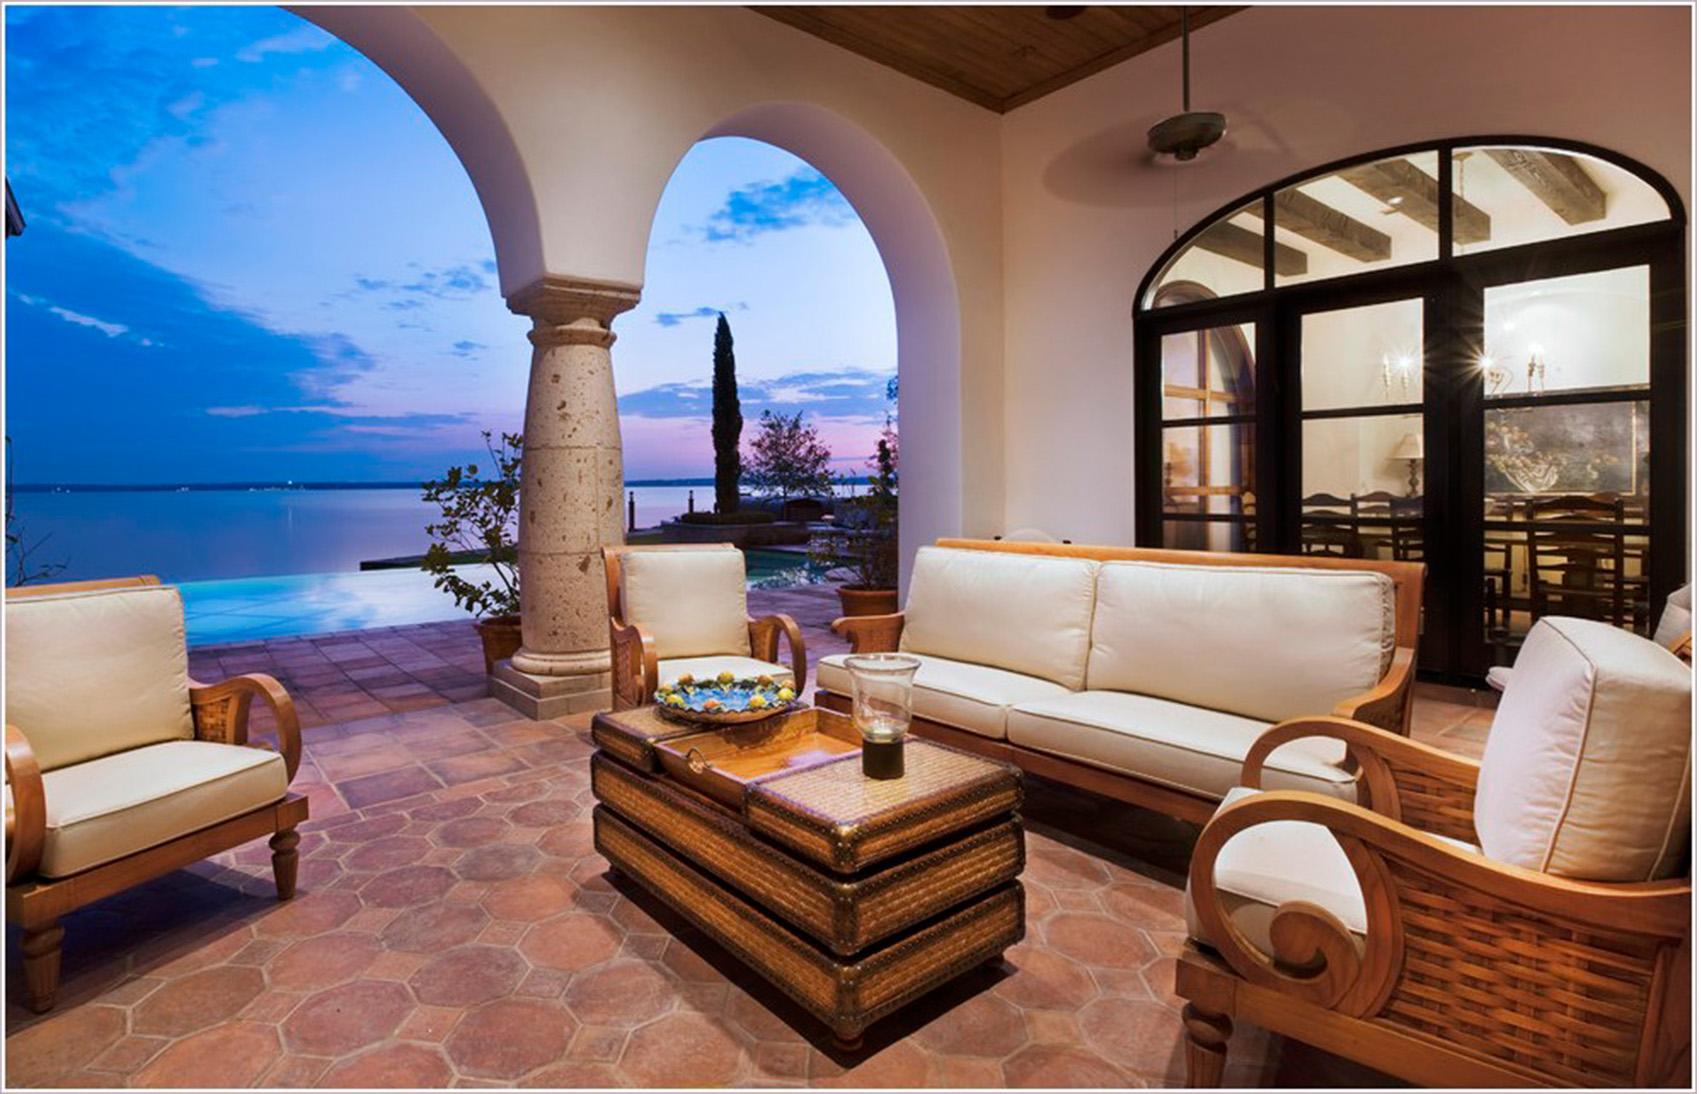 Điều cần biết về phong cách kiến trúc – nội thất Địa Trung Hải